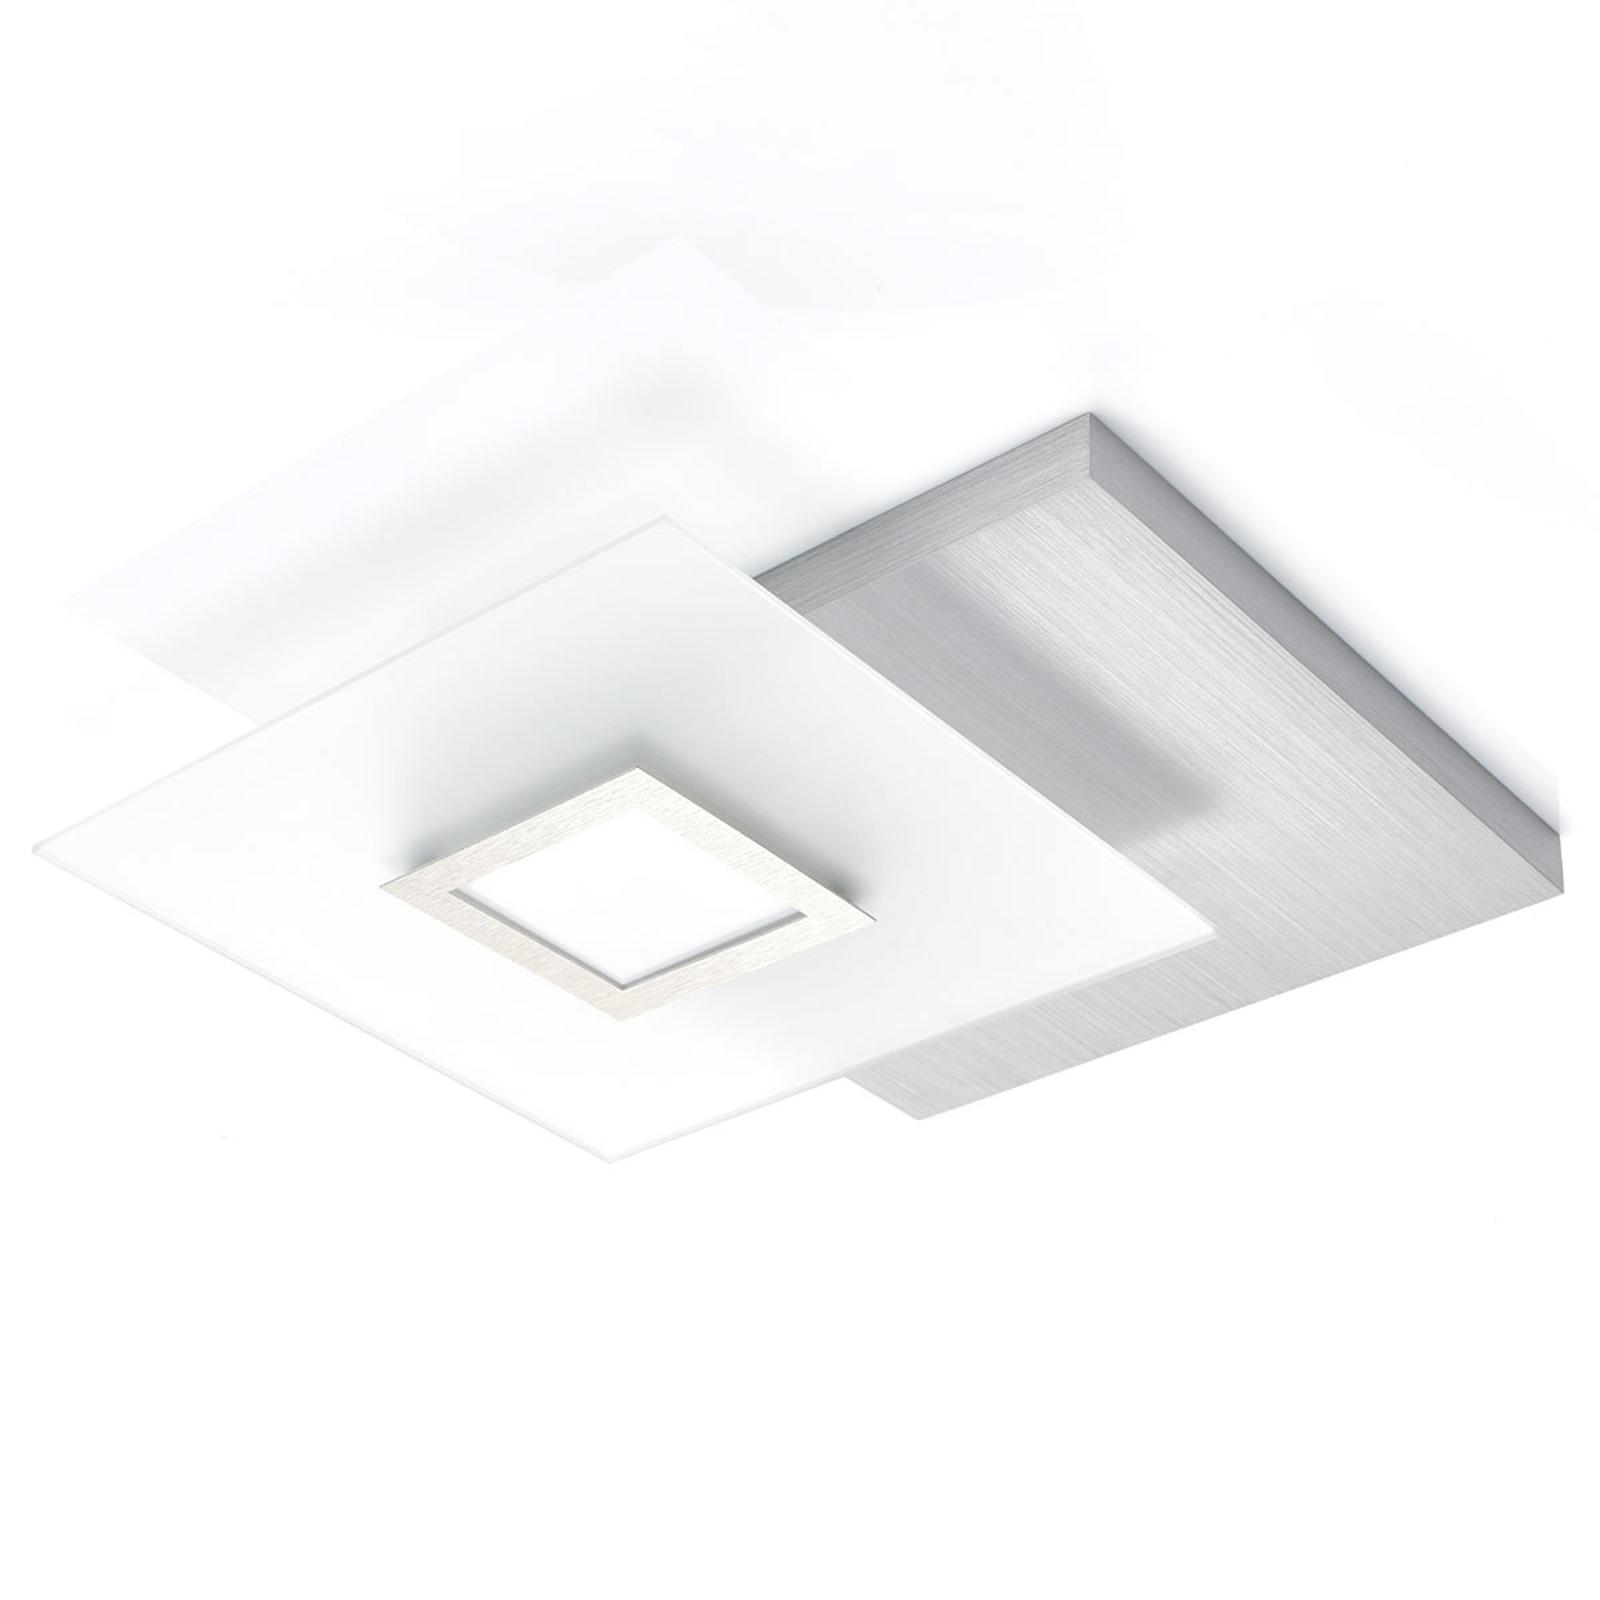 Bopp Flat - LED-Deckenleuchte, Diffusor versetzt